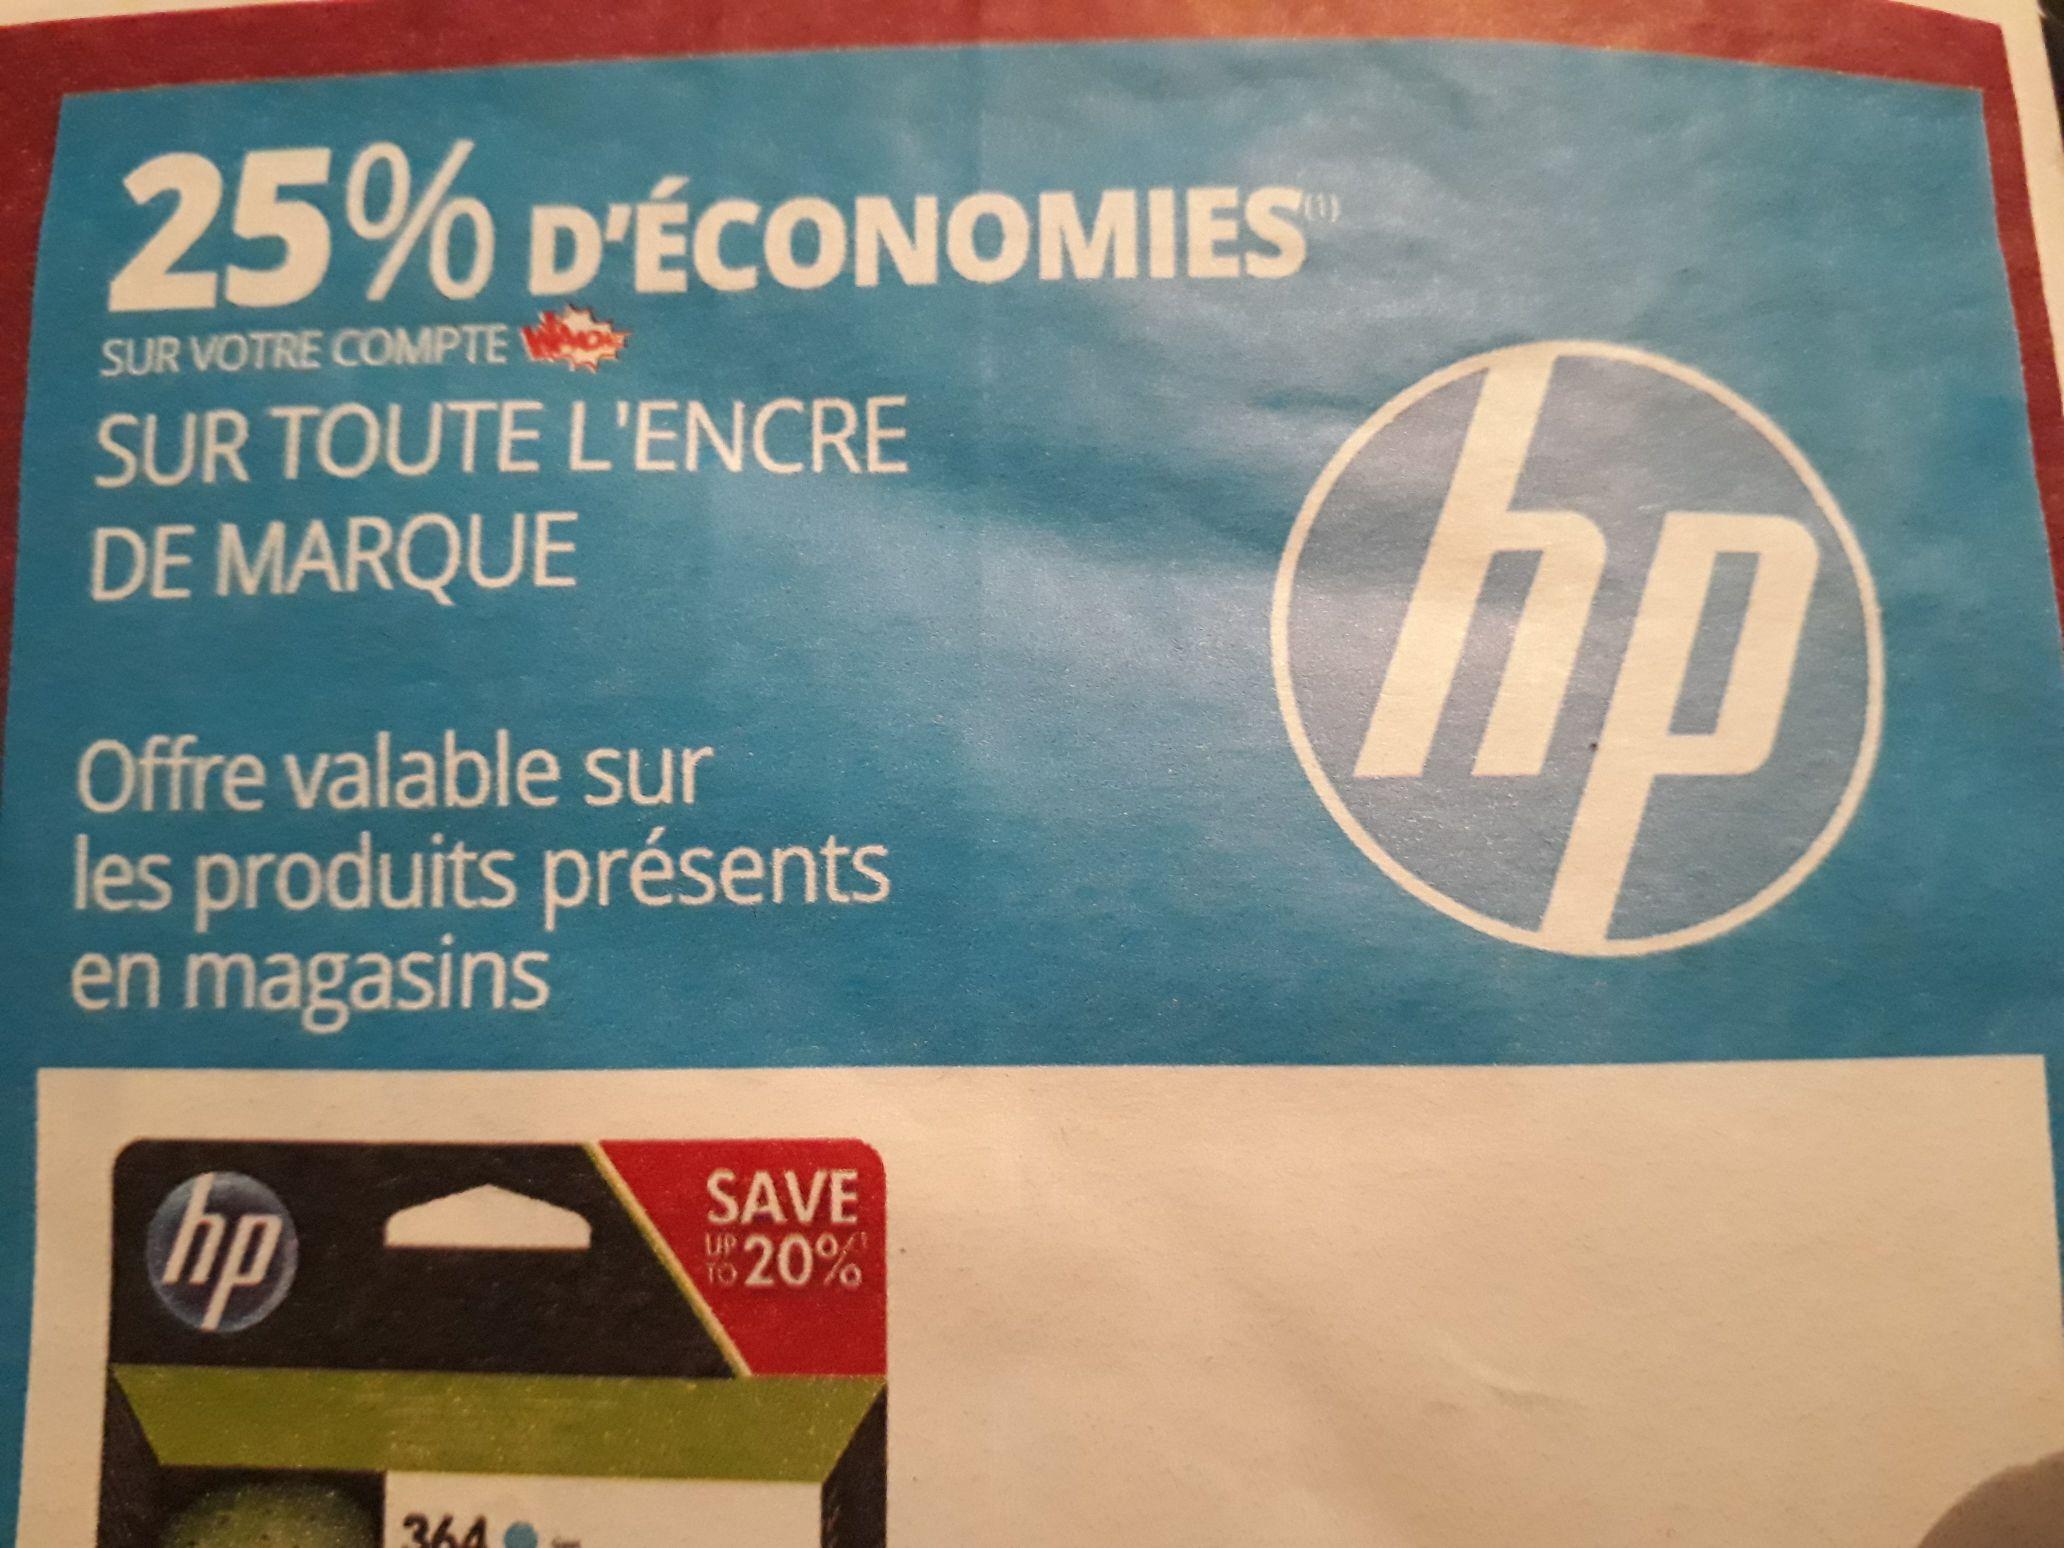 25% crédités sur la carte Wahoo Auchan pour l'achat de cartouches d'encre ou d'une imprimante HP